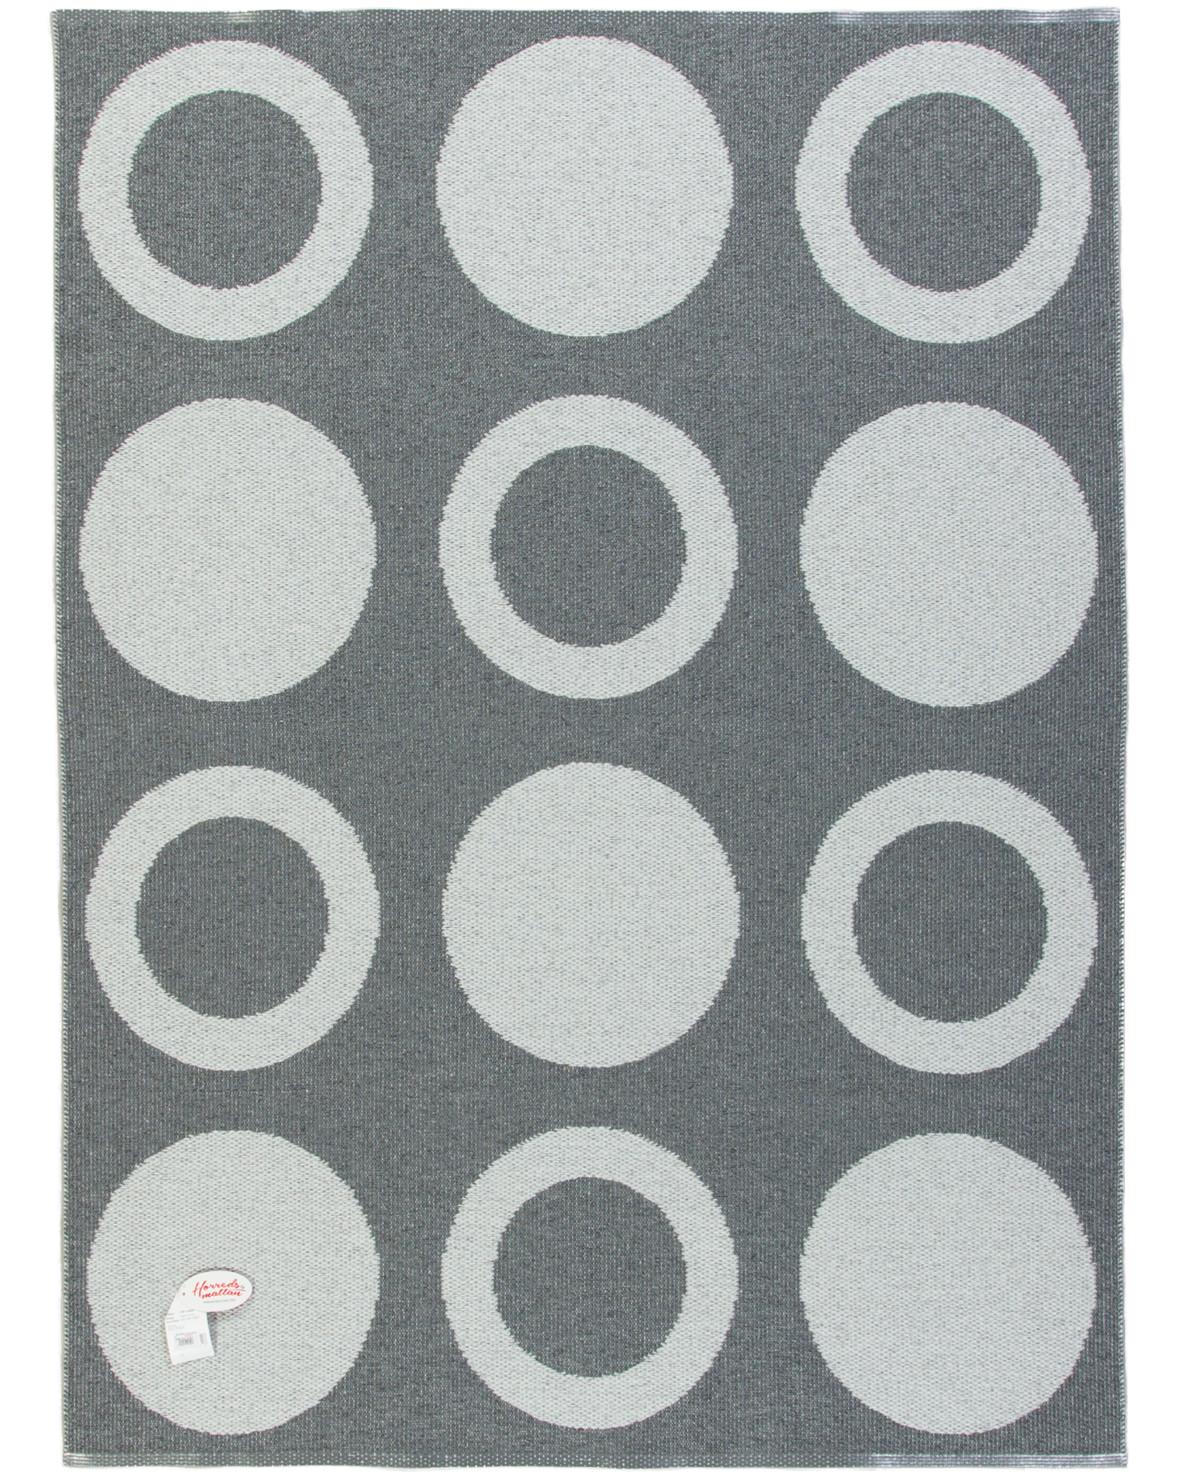 Plastmatta Circle mörkgrå sidan från Horredsmattan är dubbelsidig med omvända färger